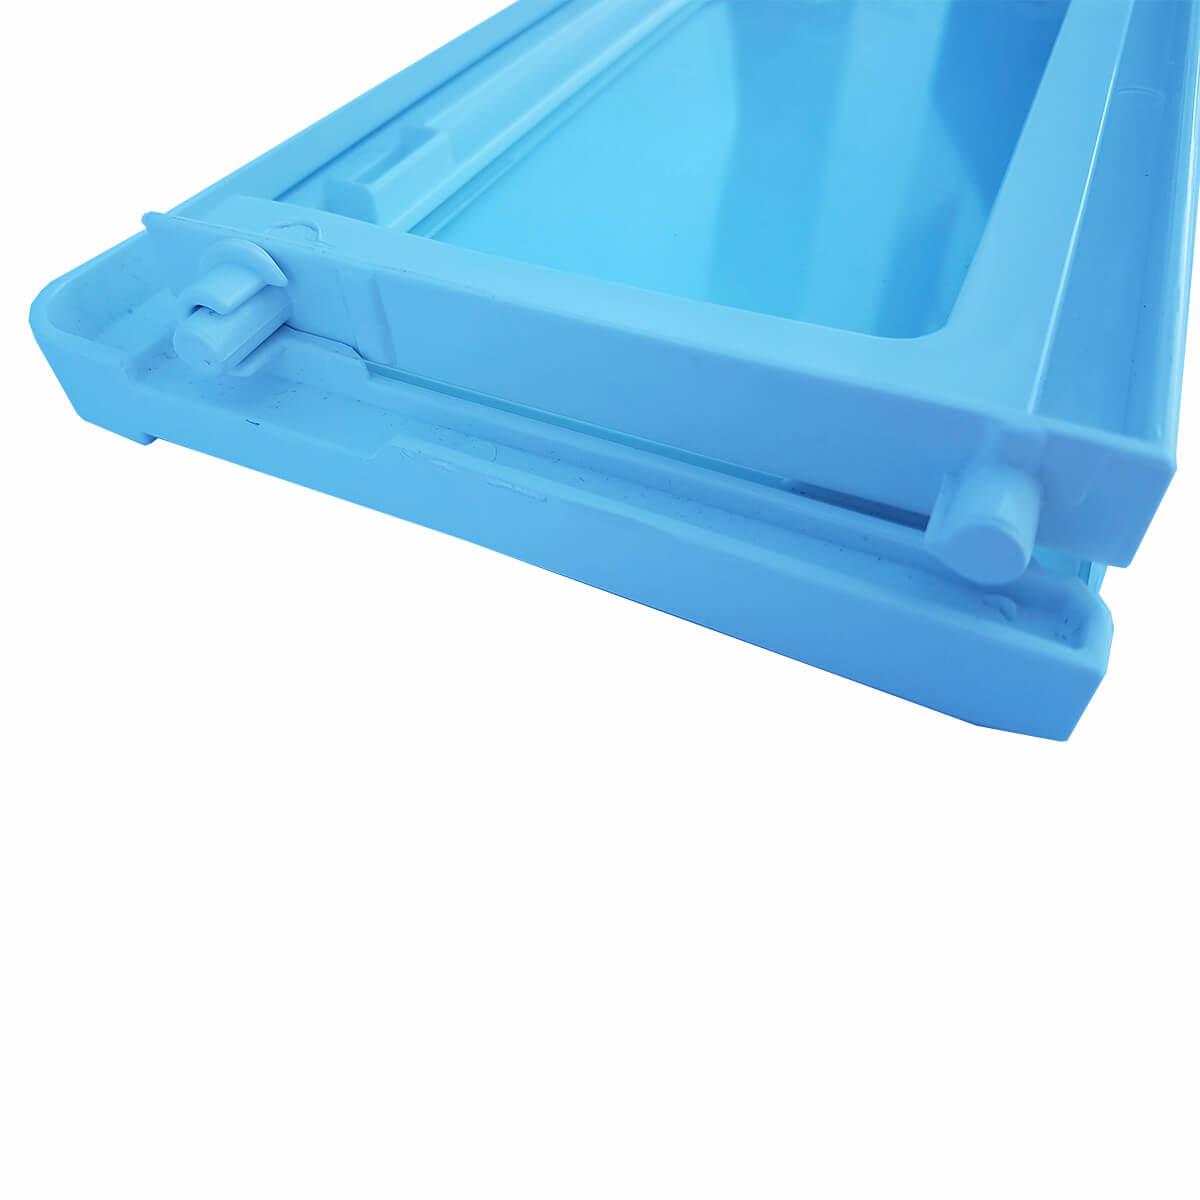 Prateleira Menor Do Freezer Refrigerador Electrolux - 60017197